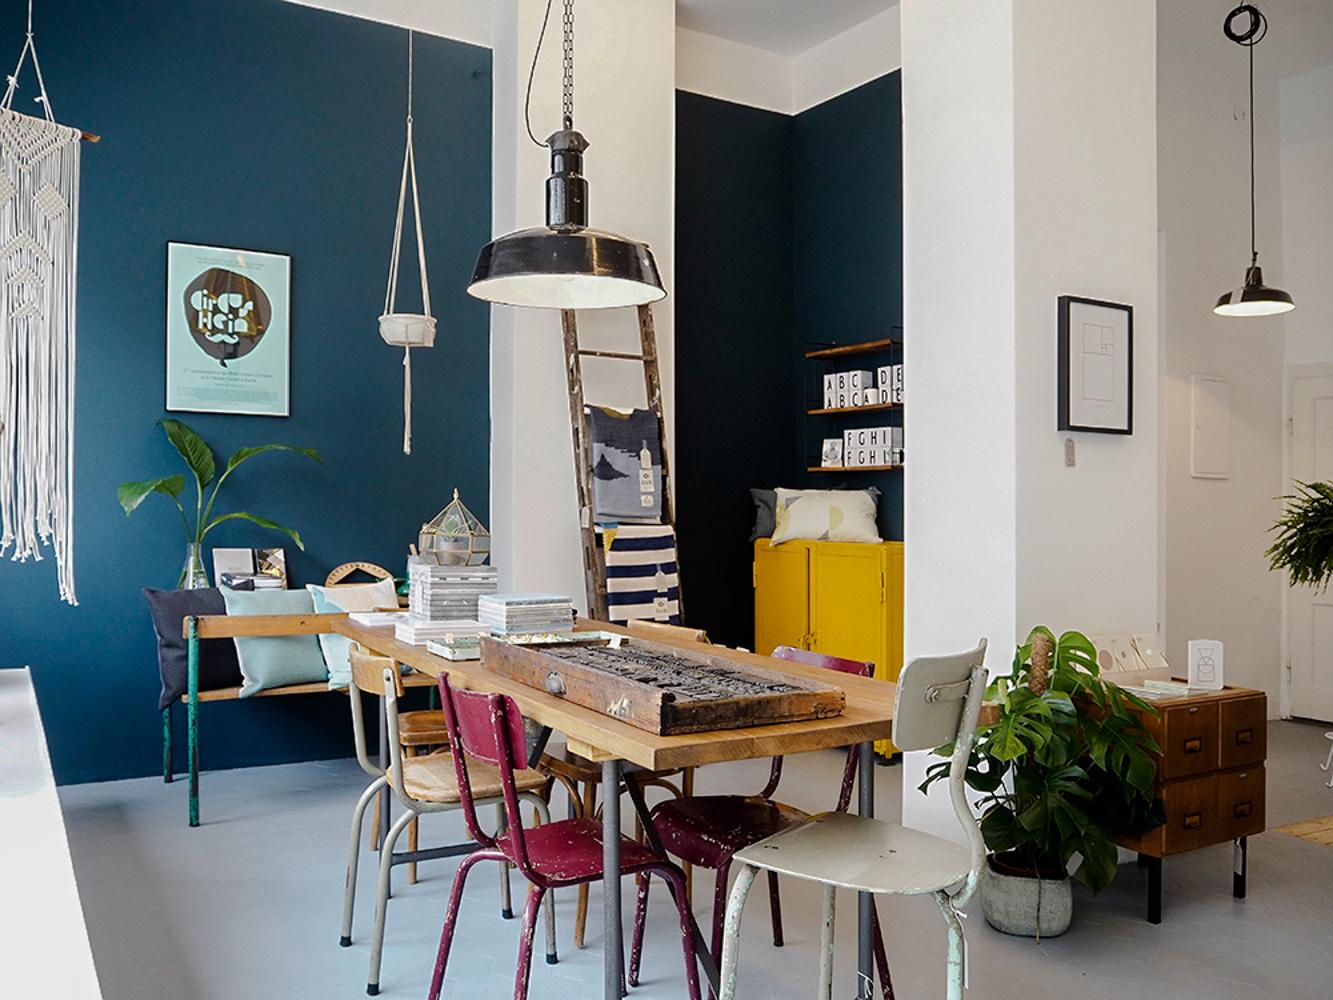 Full Size of Einbauküche Ohne Kühlschrank Sofa 3 Sitzer Grau Küche Planen Kostenlos Musterküche Umziehen Mit Geräten Kleine L Form Singleküche Kinder Spielküche Wohnzimmer Küche Blau Grau